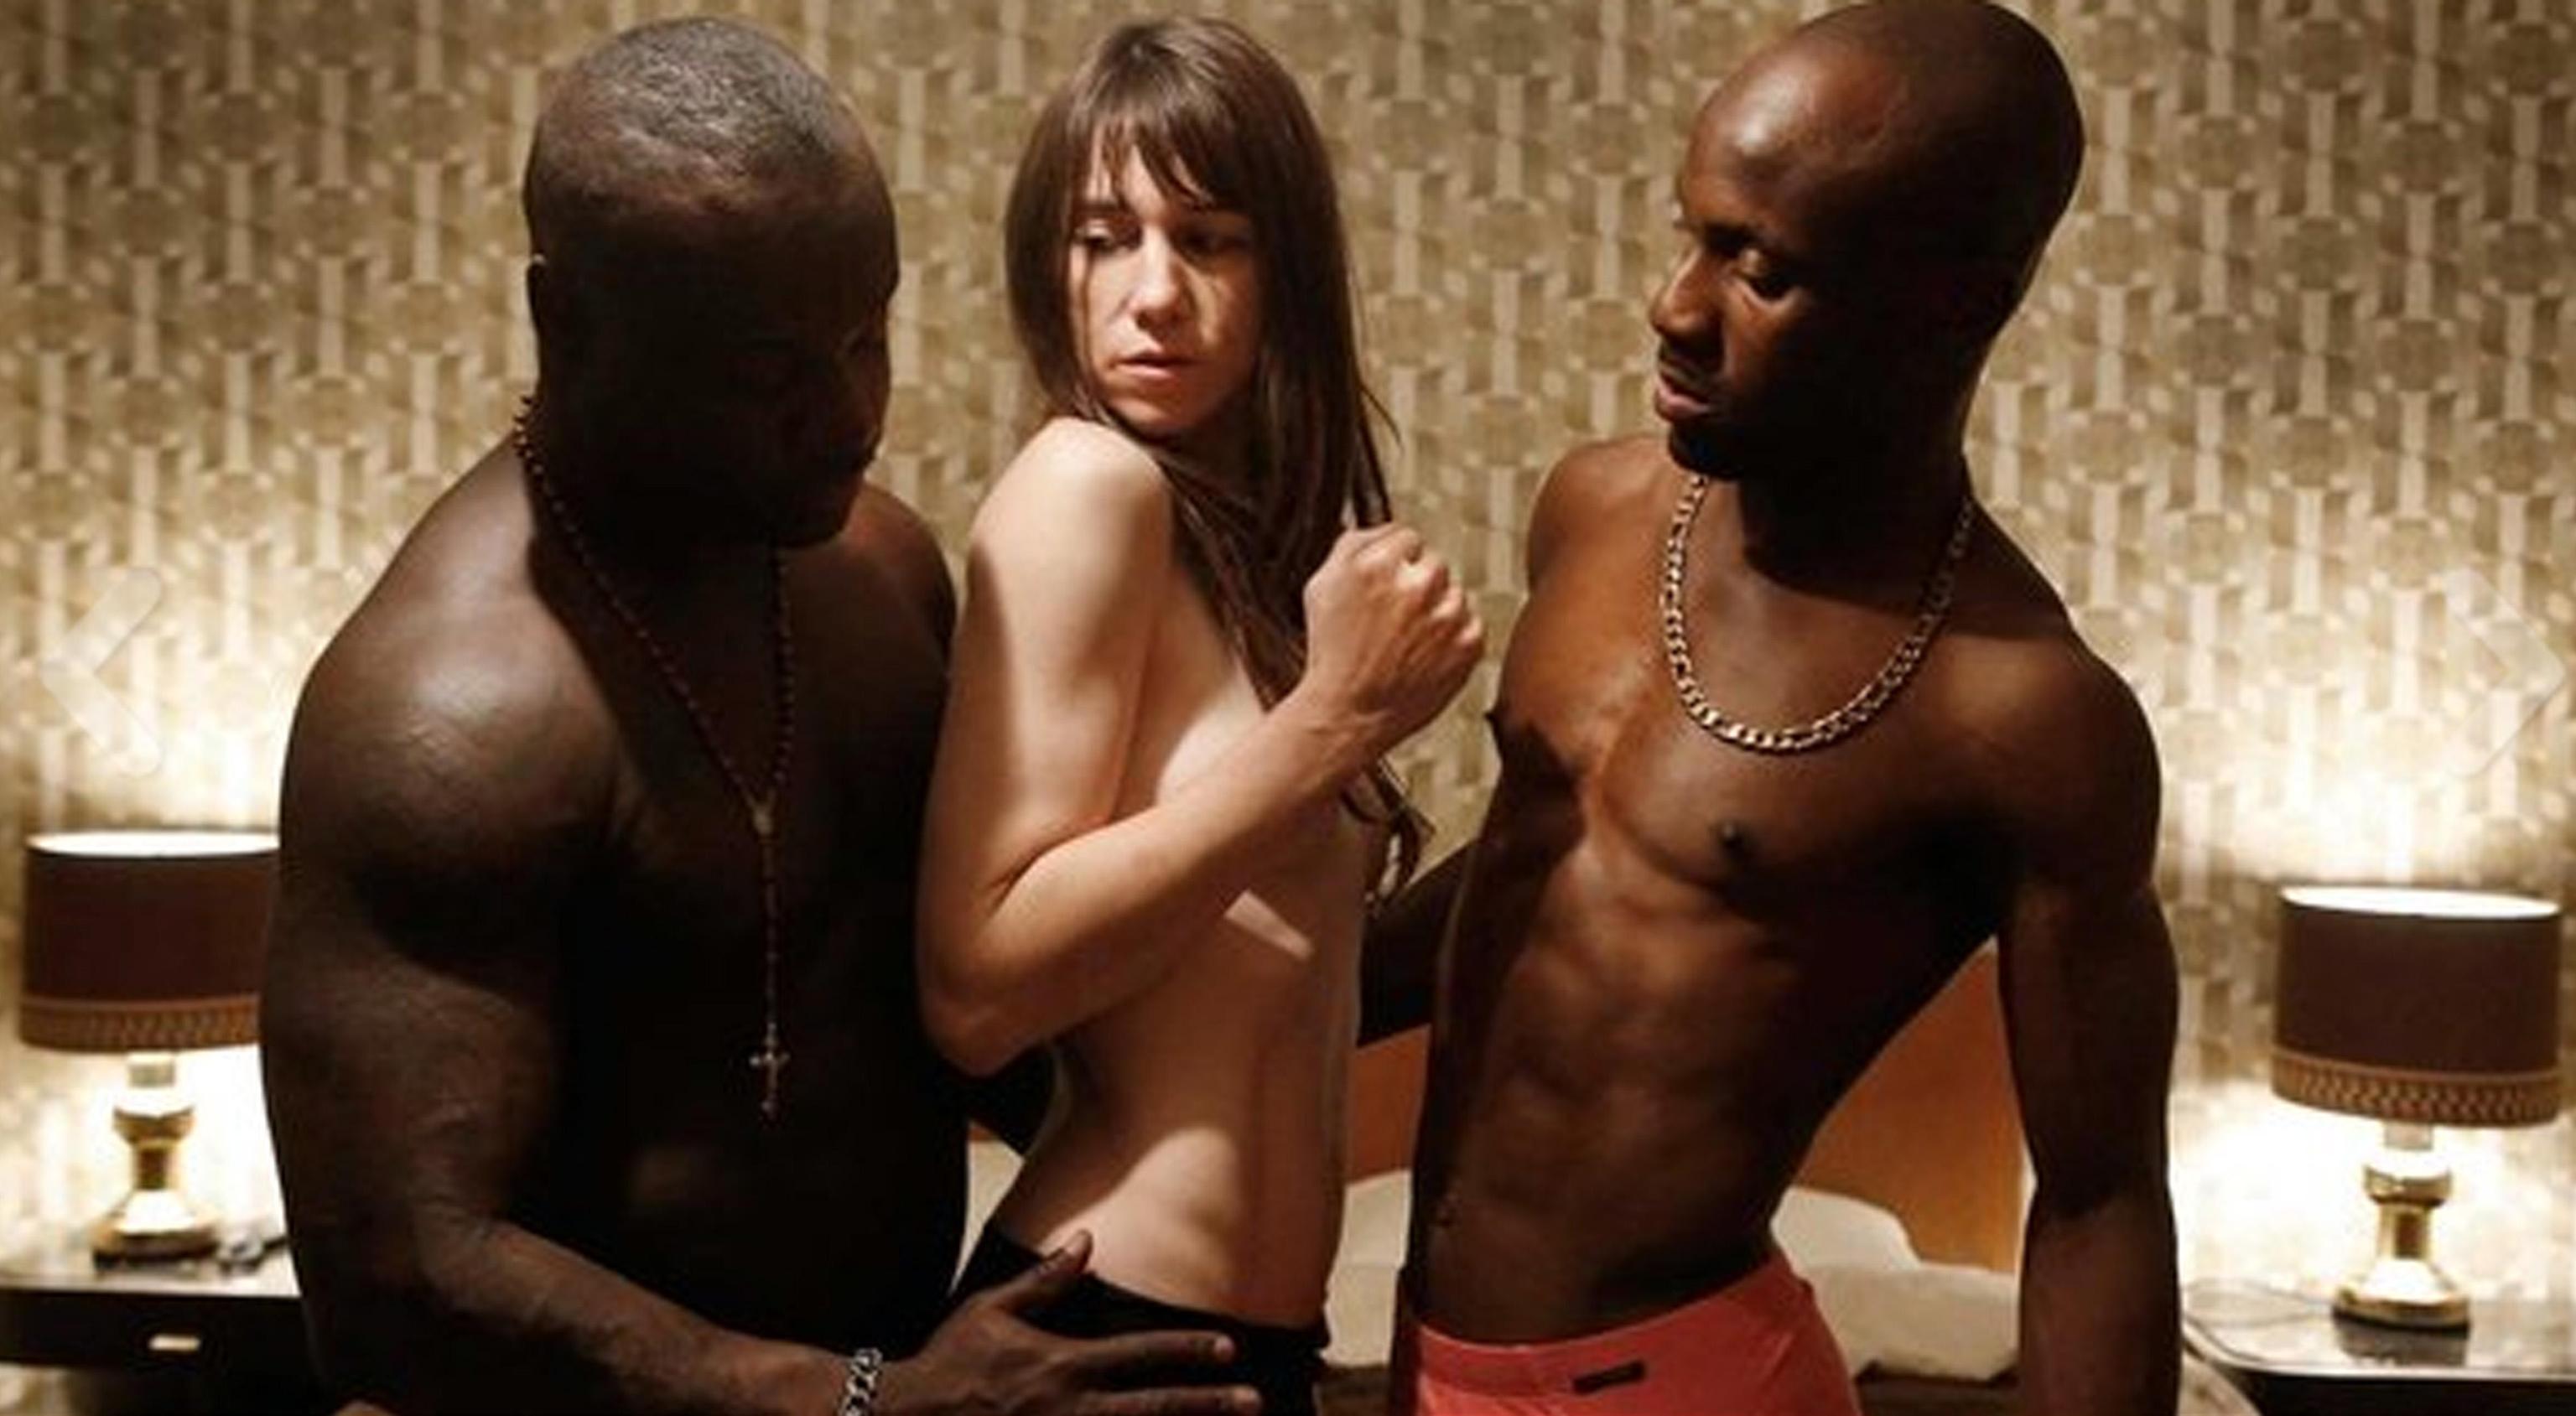 Ordina i. priyanka chopra All sex scenes | bollywood actress| hollywood.